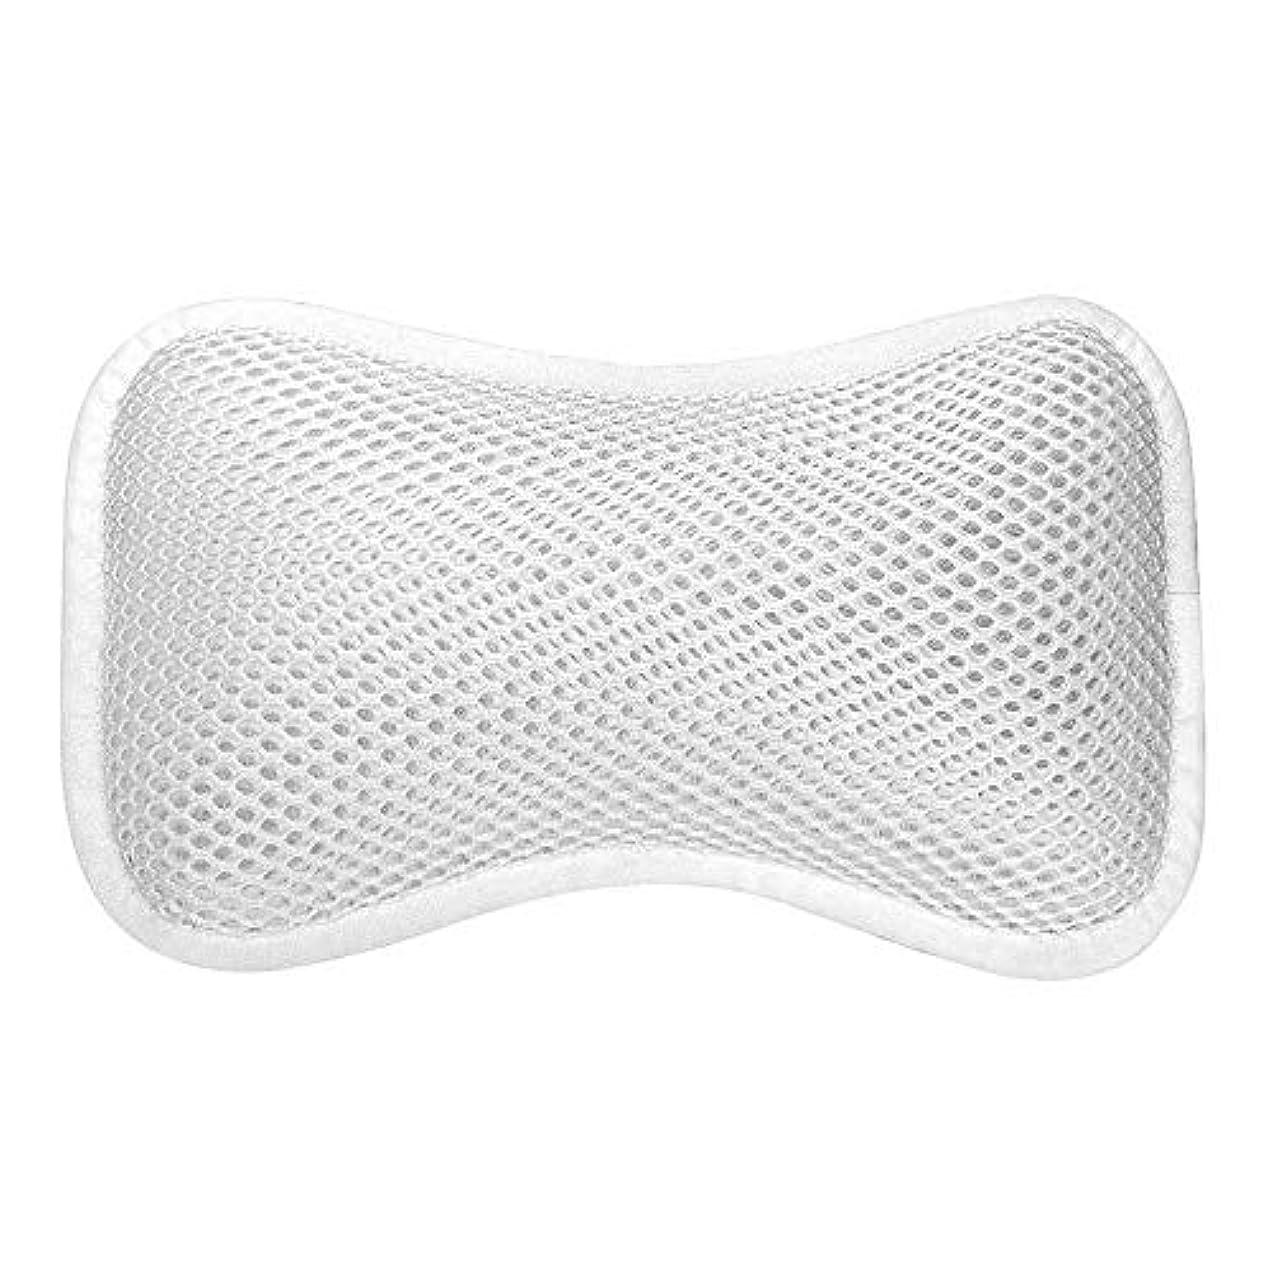 厚くする電圧子孫3D網の骨の定形バスタブの枕、吸盤が付いている人間工学的の設計滑り止??めの浴槽の枕